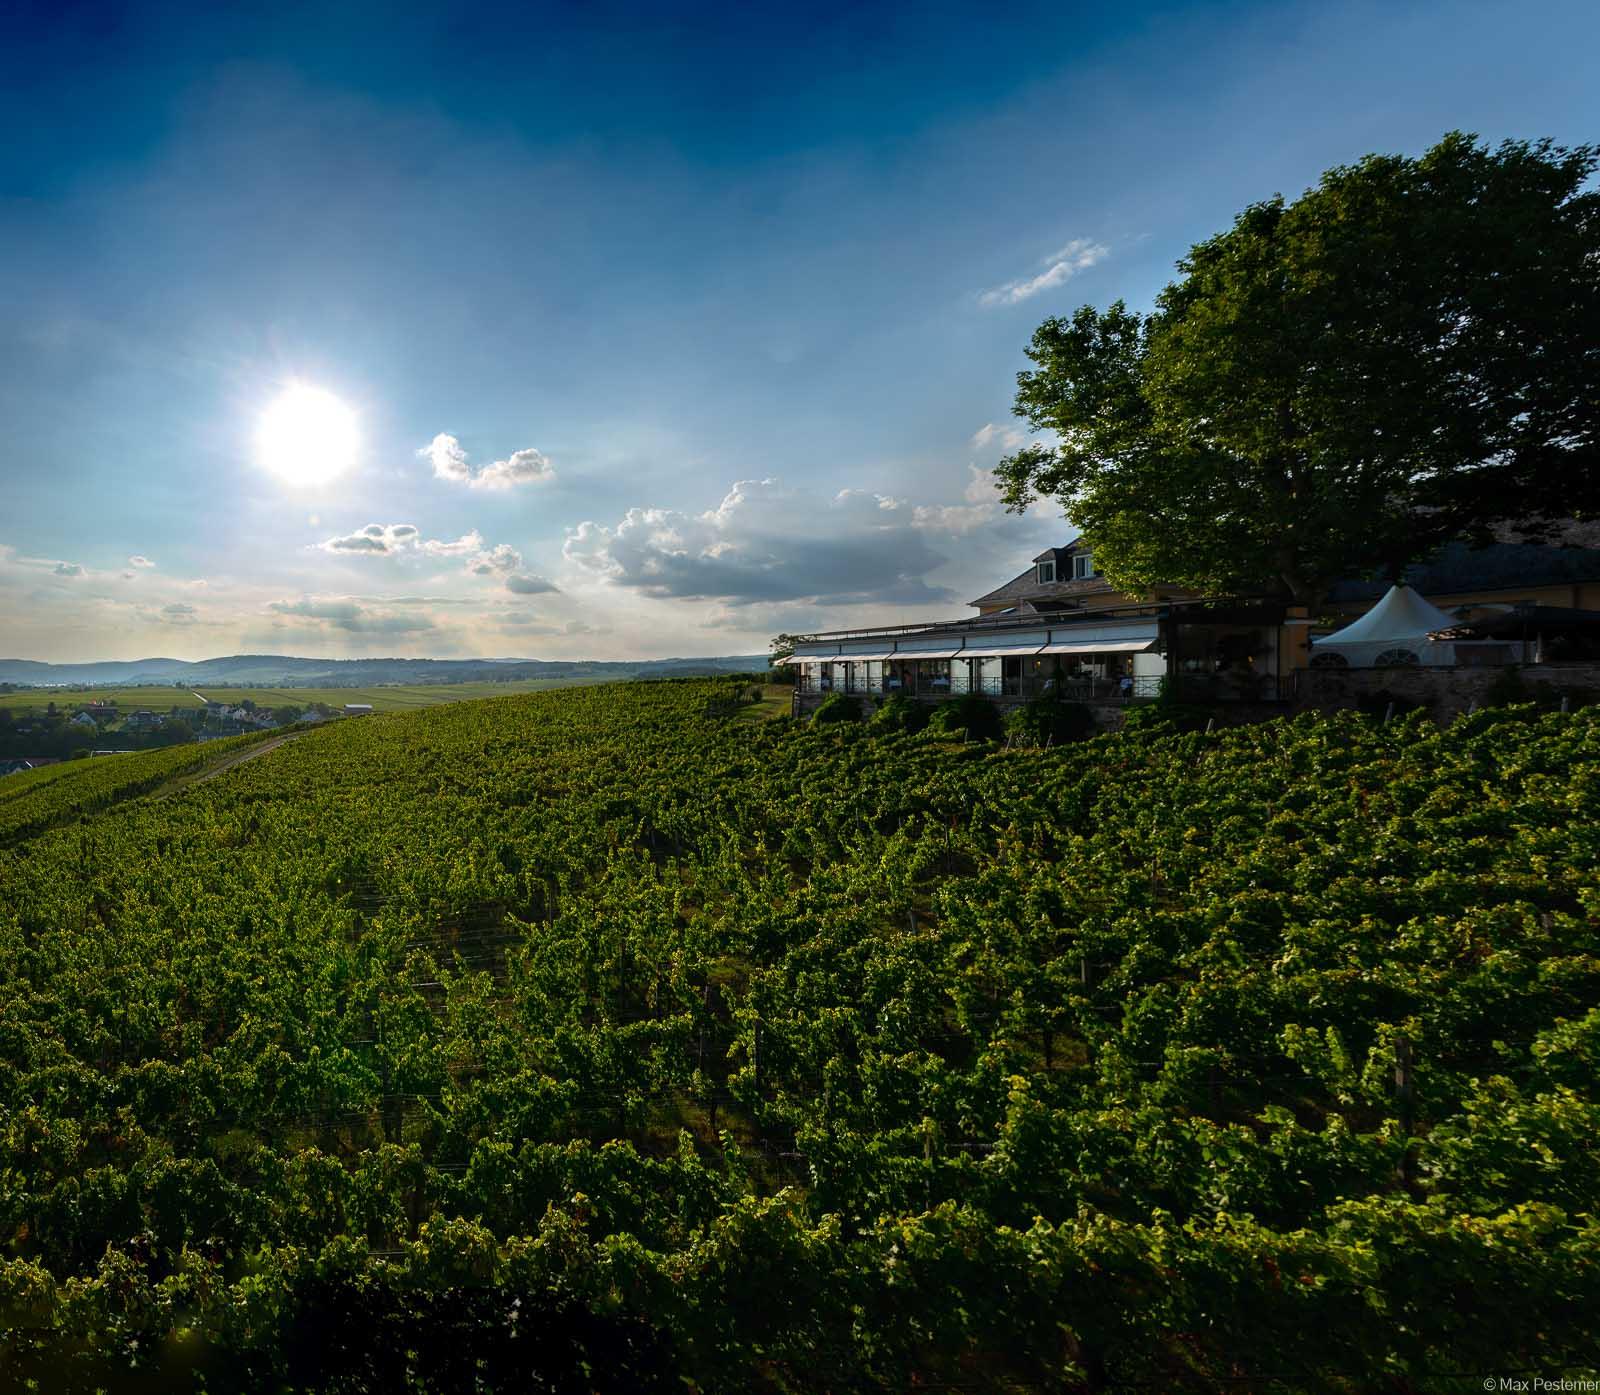 Man blickt vom Schloss Johannisburg auf die Weinberge des Rheingaus mit der Sonne am Himmel oben.